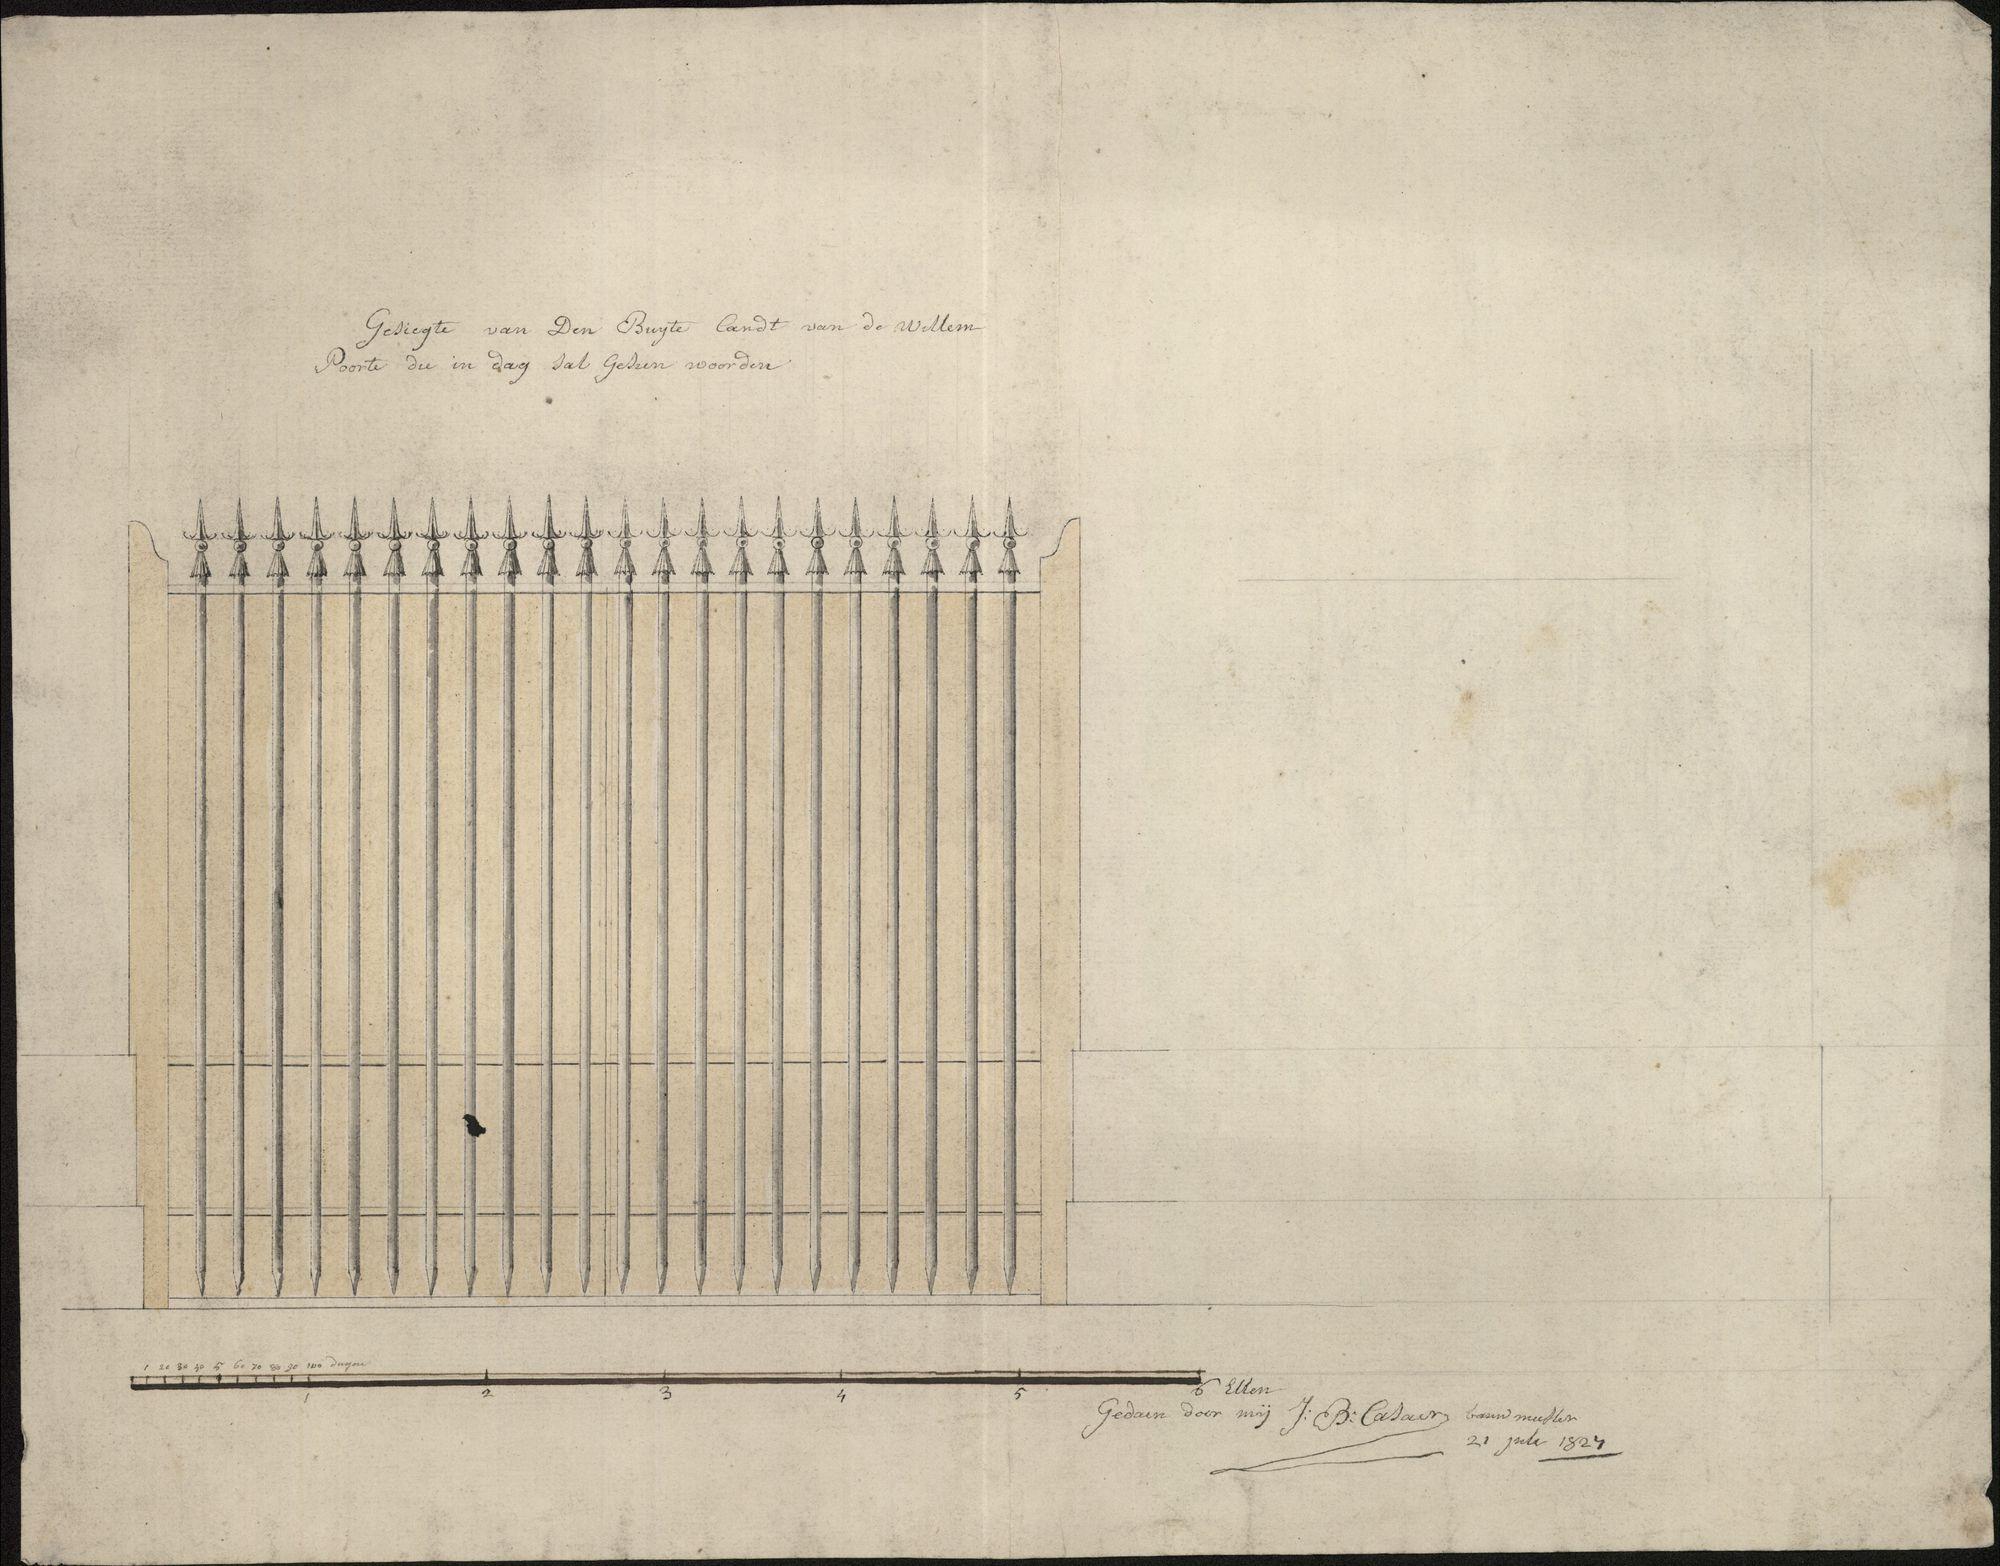 Bouwplan van een hekken aan de Willemspoort te Kortrijk, 1827